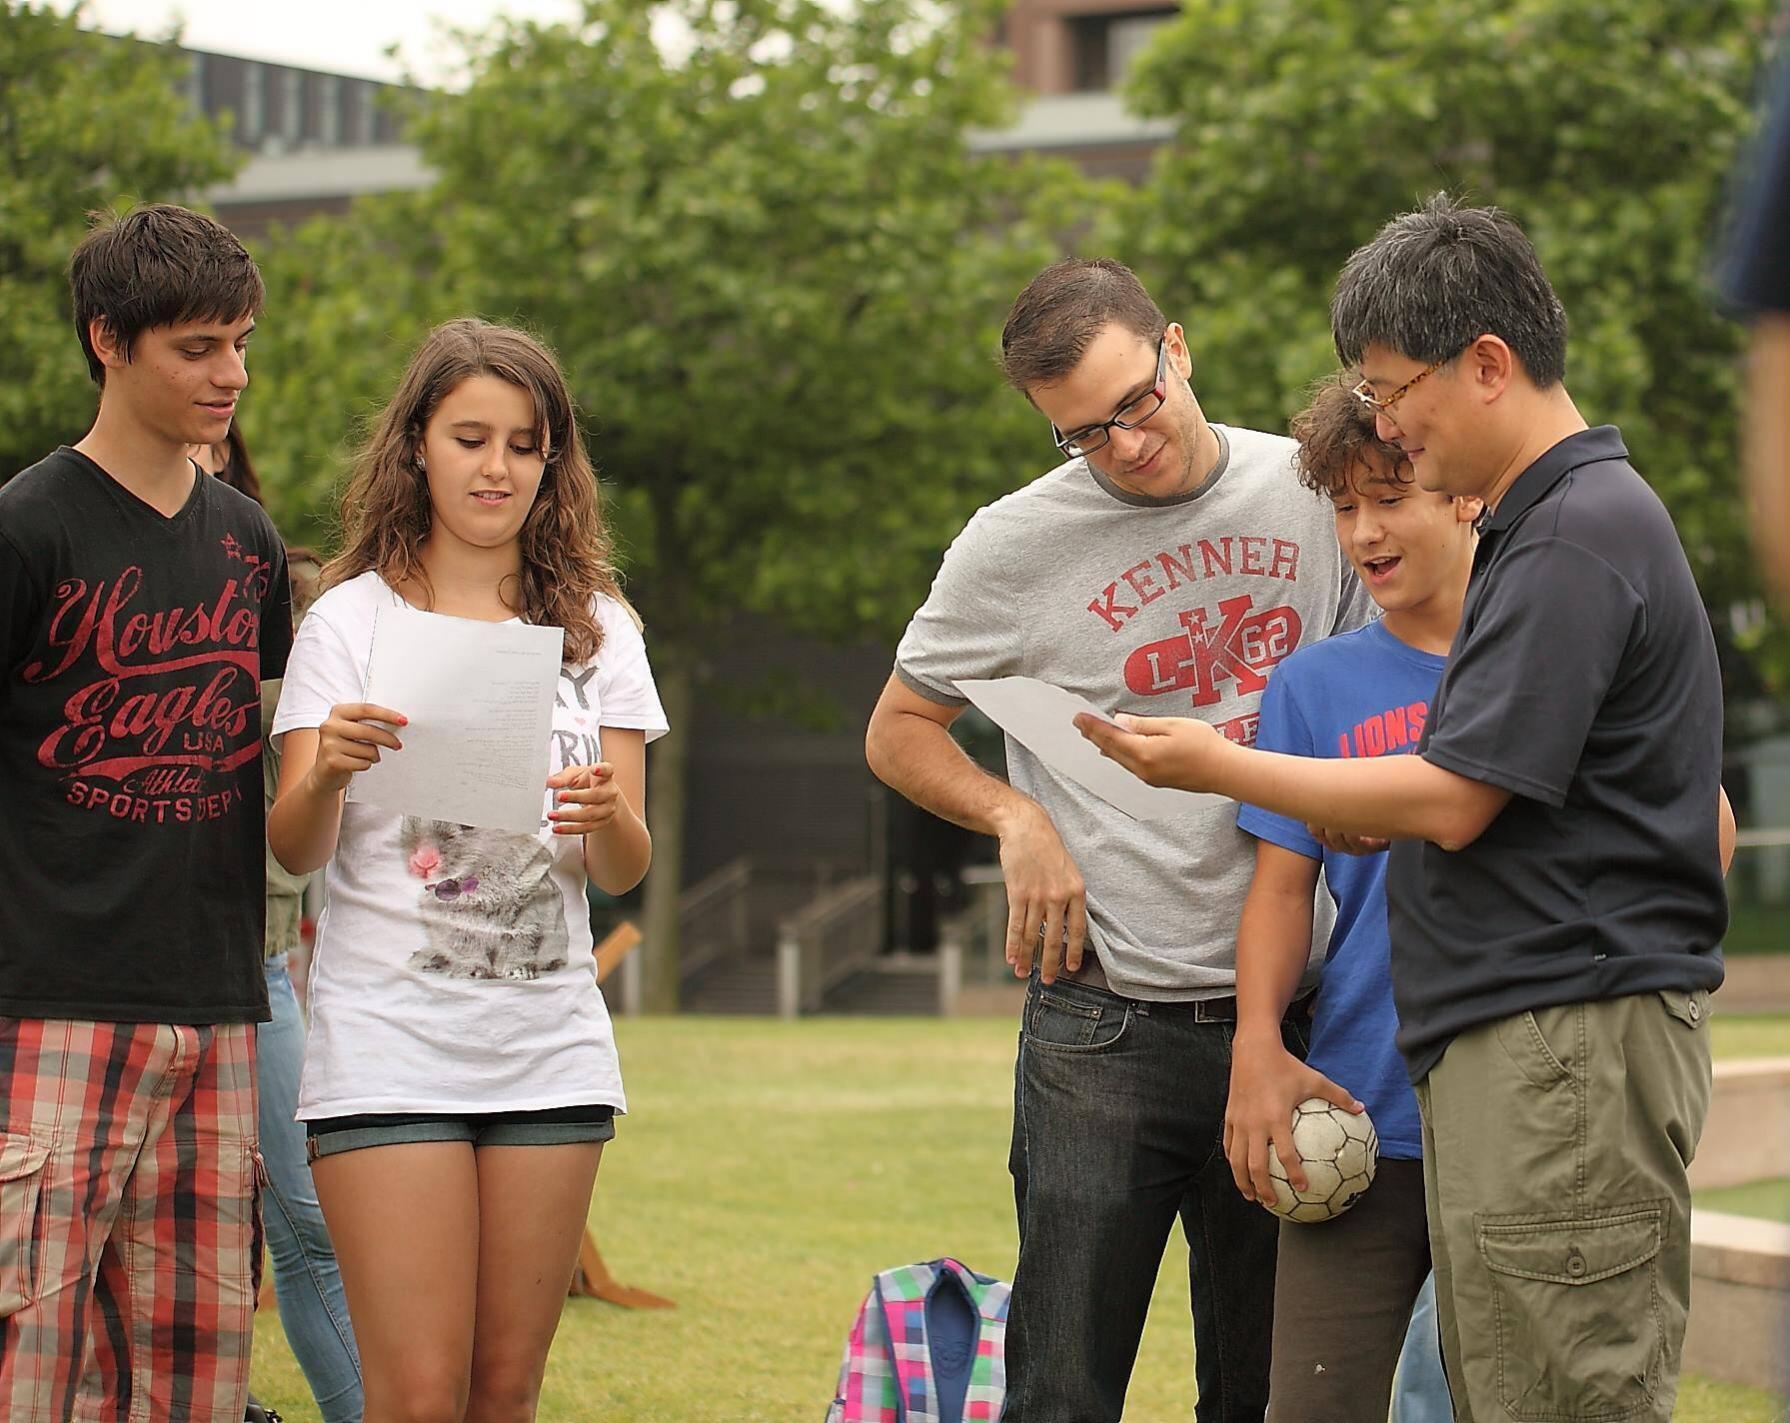 social activities brighton english school